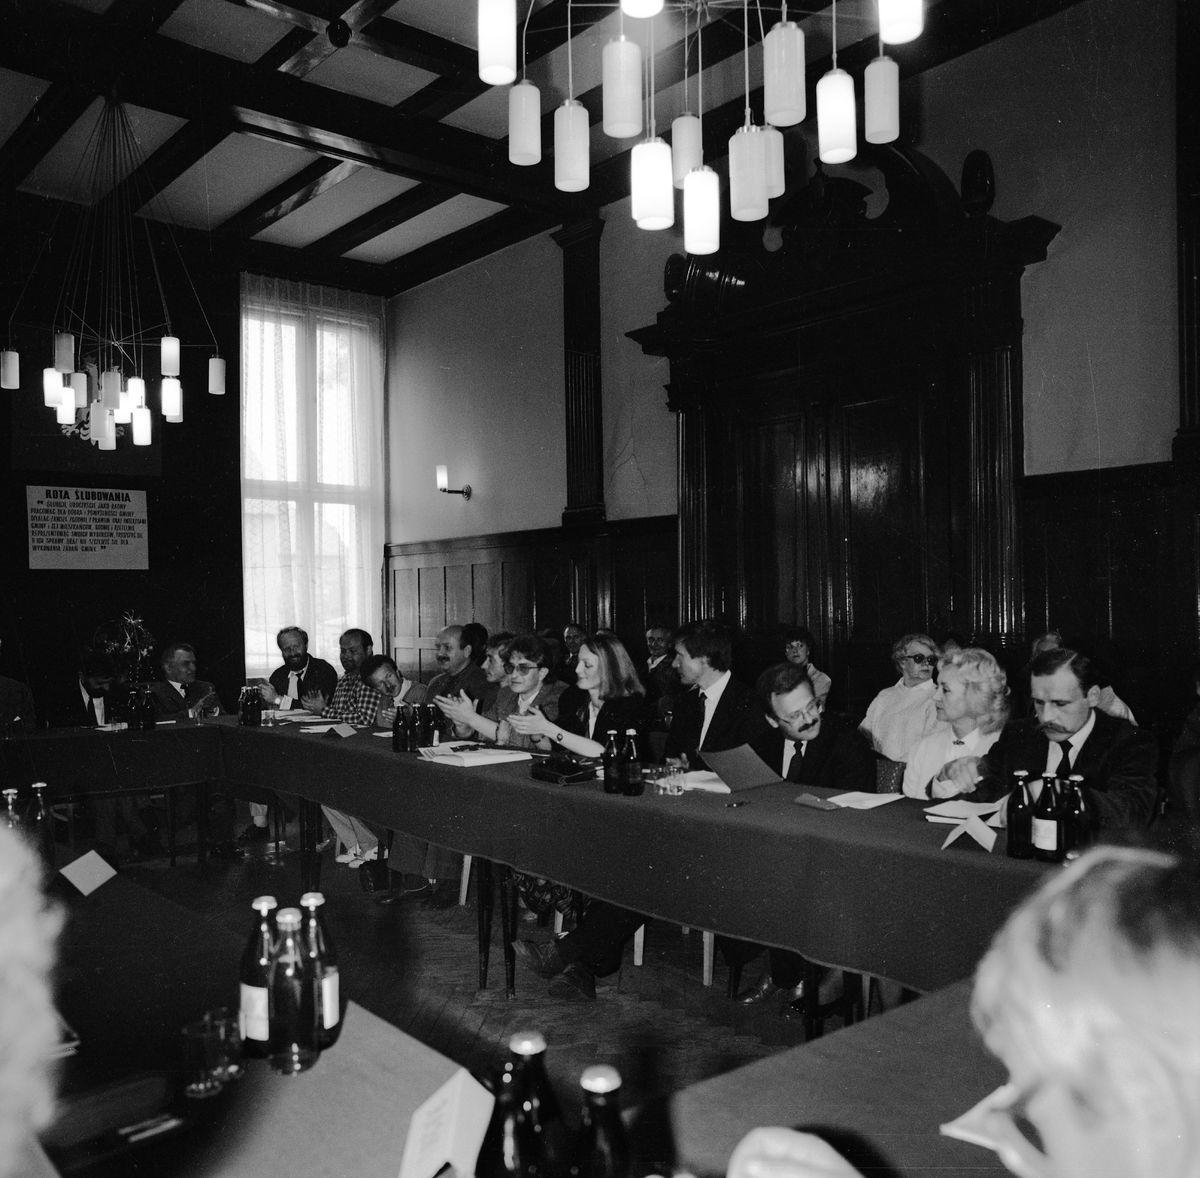 Uroczysta sesja Rady Miejskiej, 1990 r. [2]